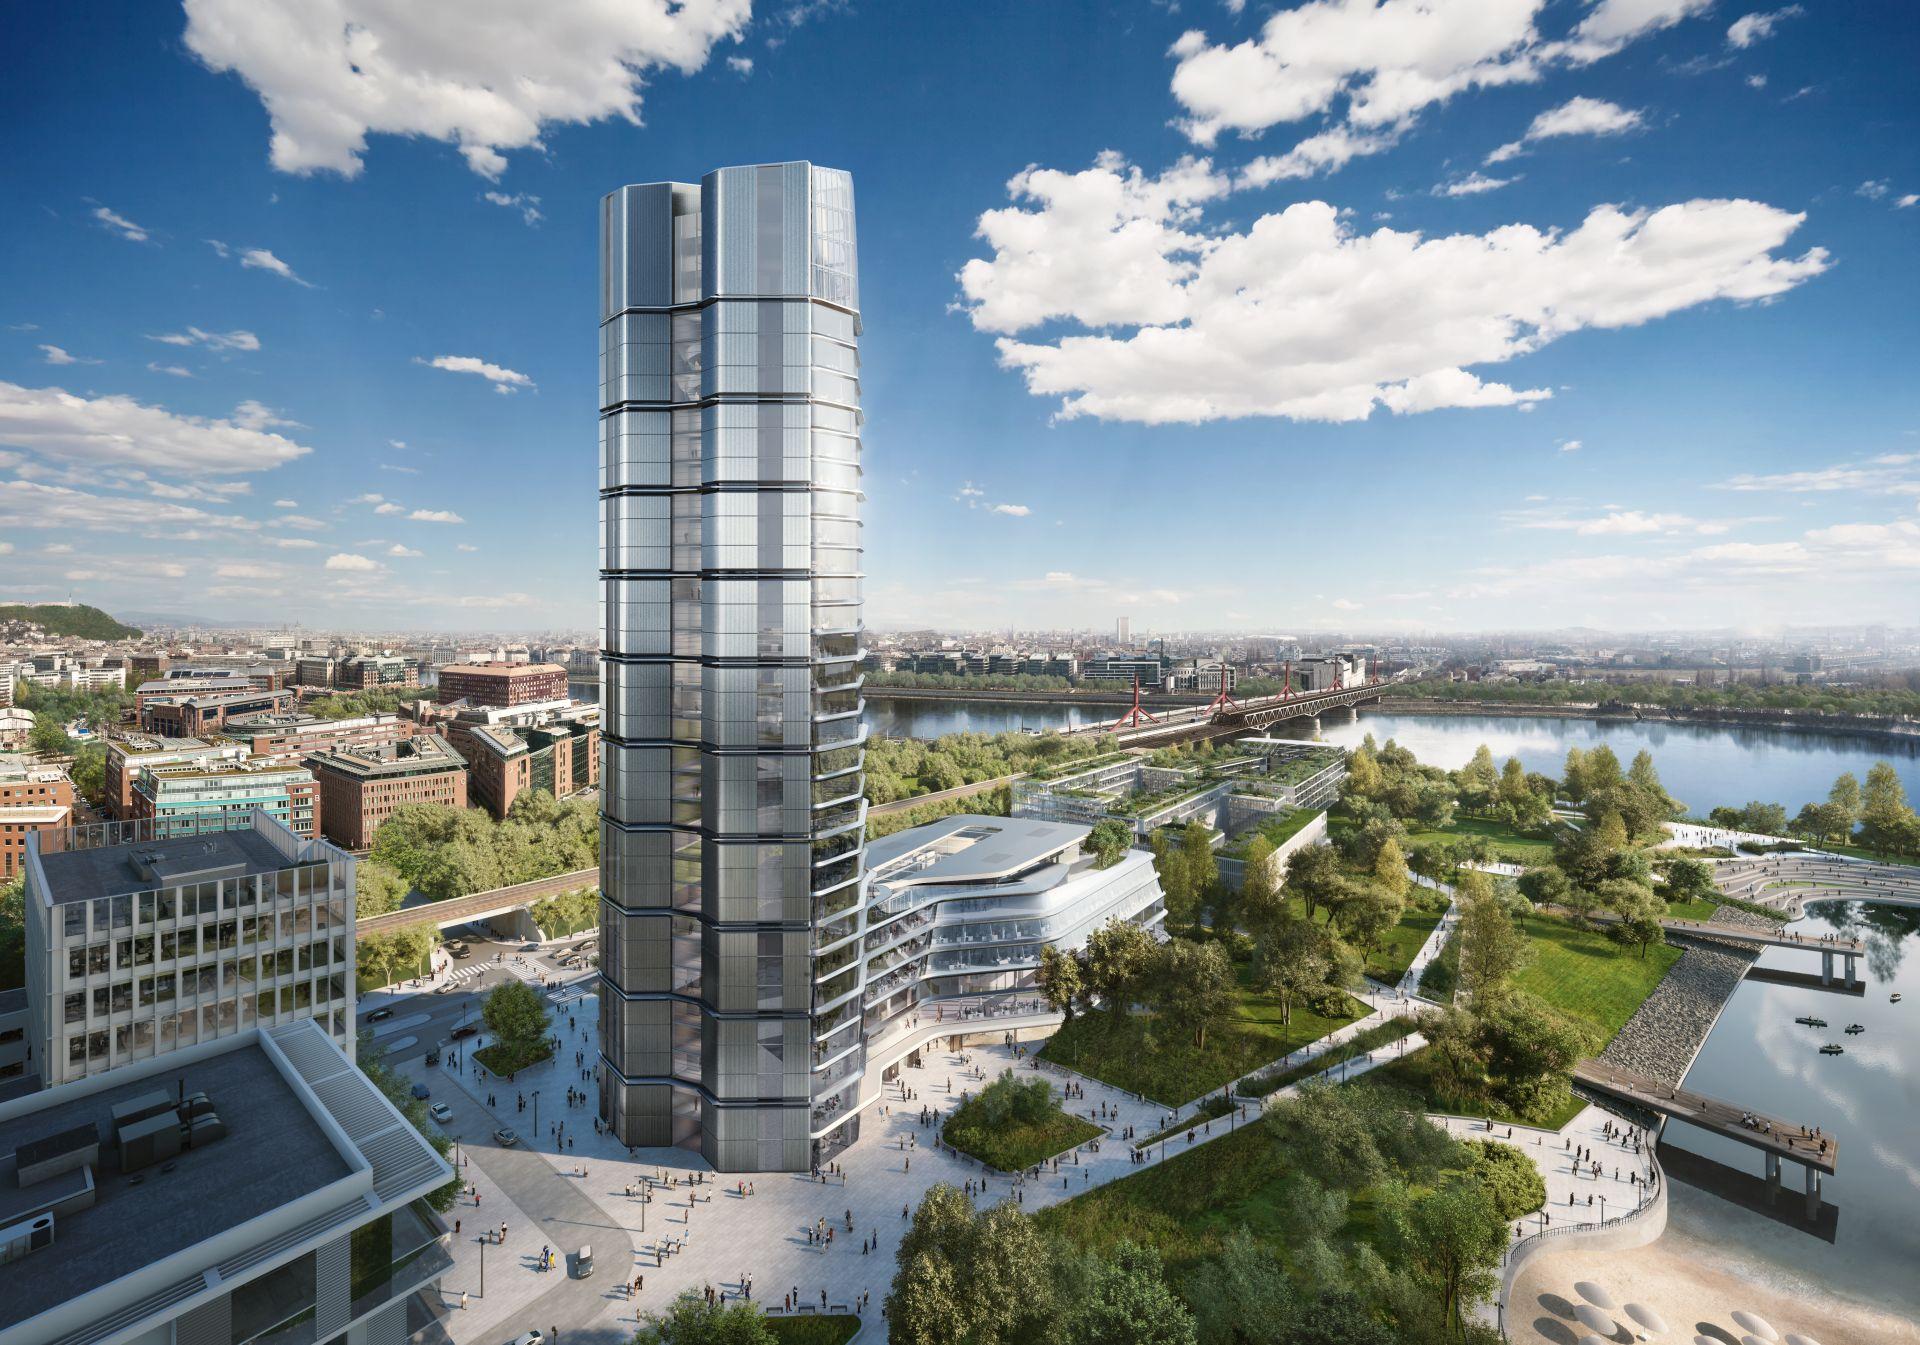 Az Unesco szerint rémületes a Mol felhőkarcolójának terve